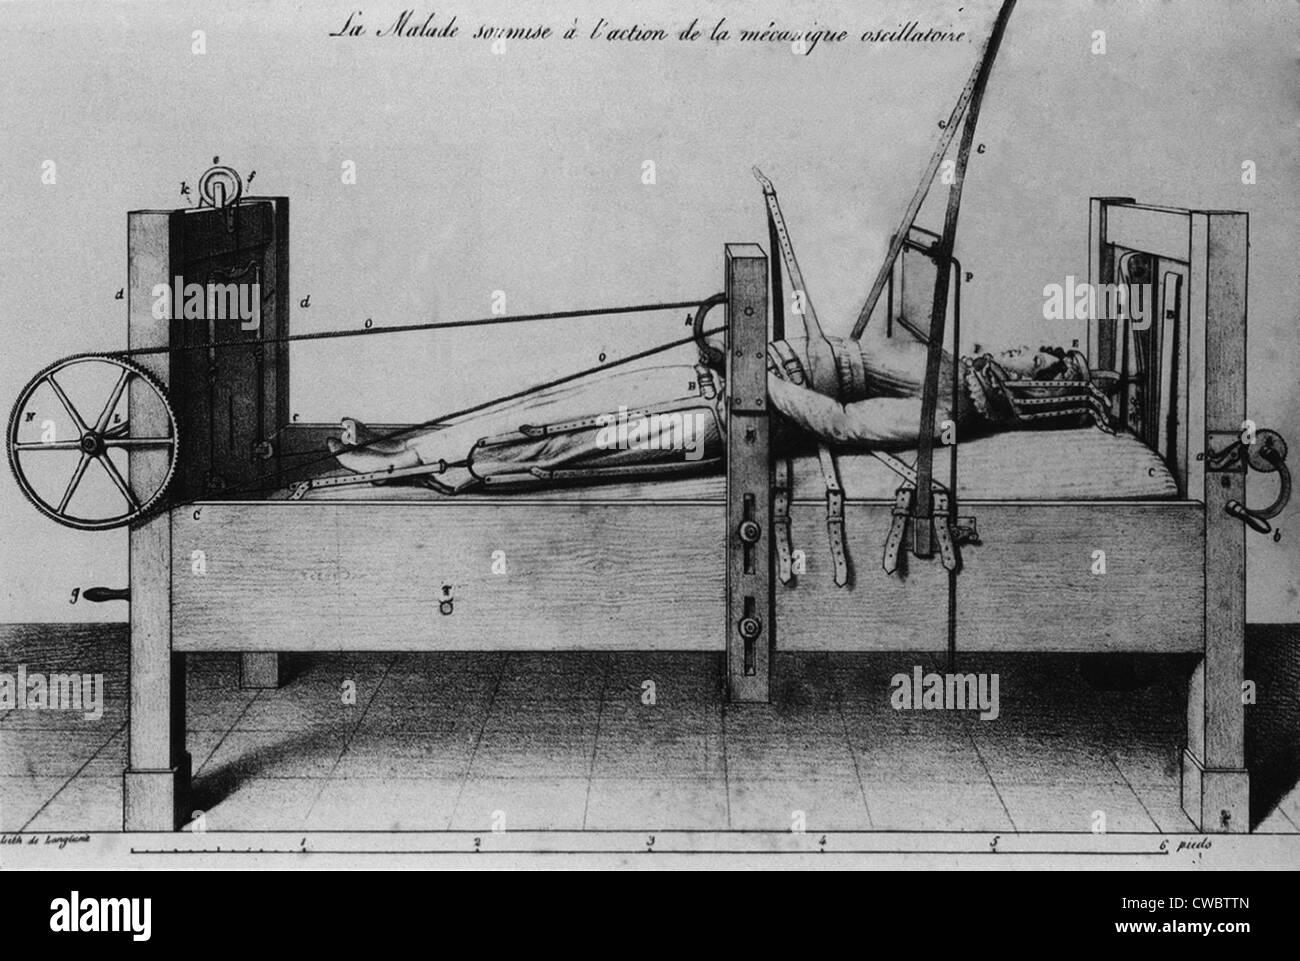 Paziente femmina strapped in un letto ortopedico, con bretelle e manovelle per applicare la trazione. Dal 1827 francese Immagini Stock